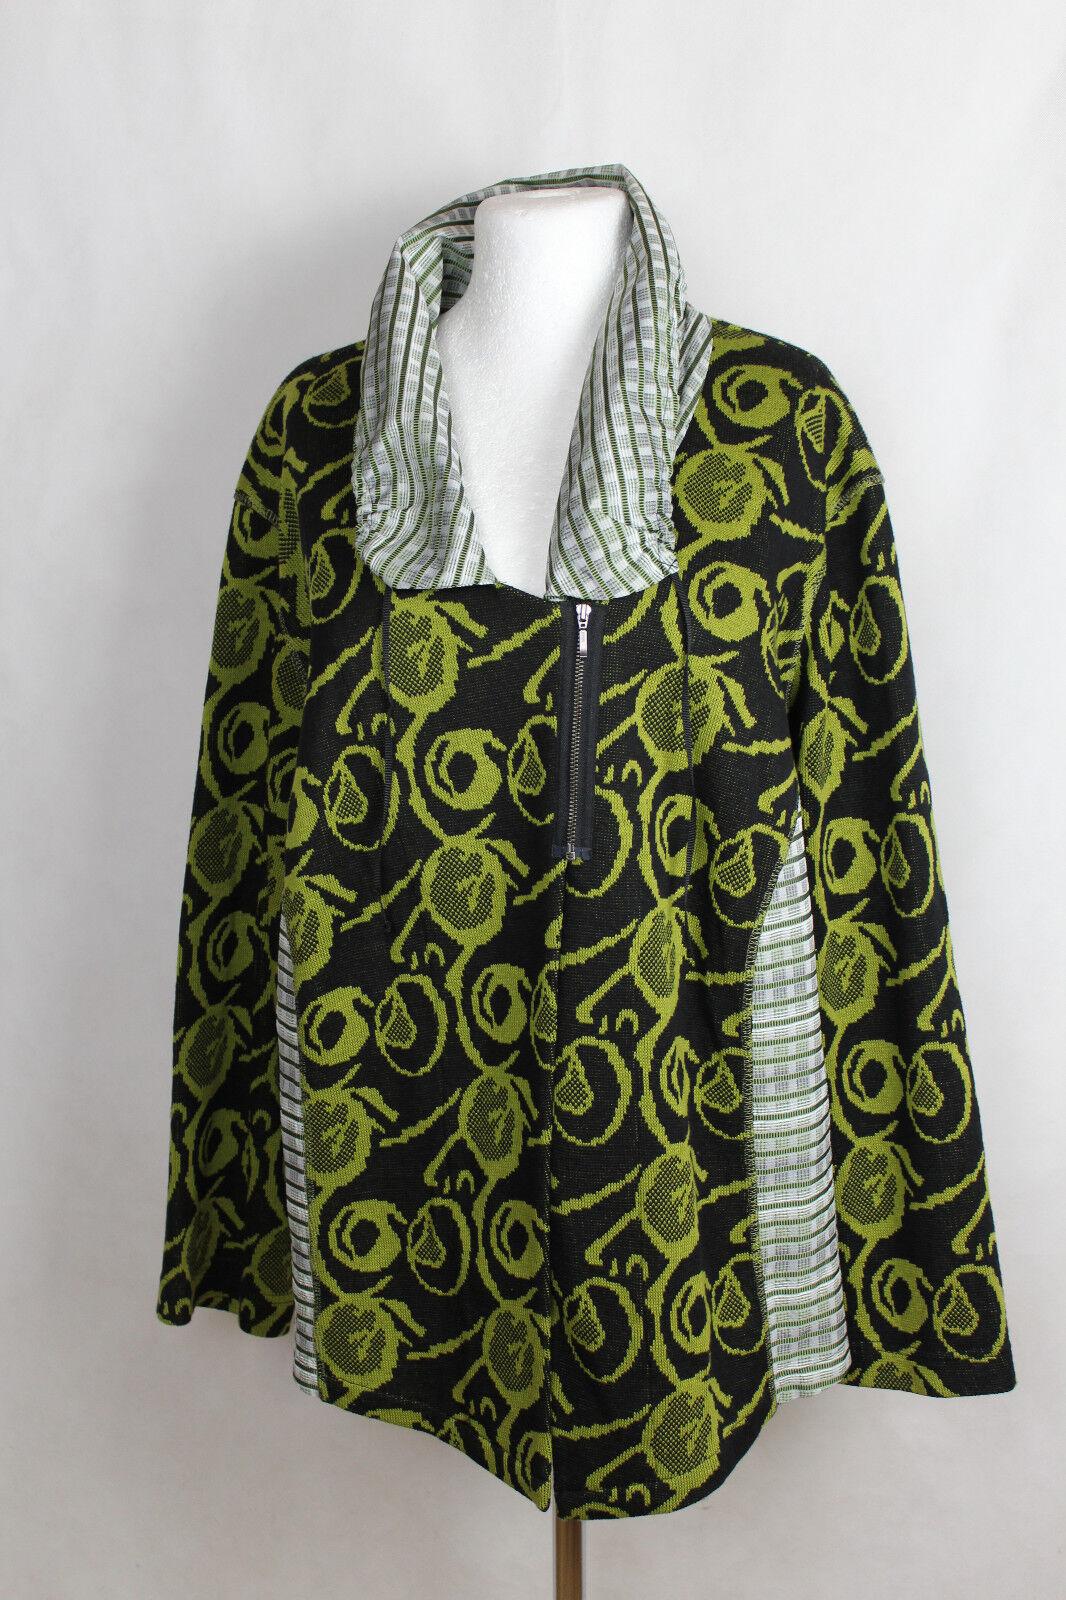 Liva chaqueta punto chaqueta señora talla 56,neu, 56,neu, 56,neu, lp119, 95   d8159a